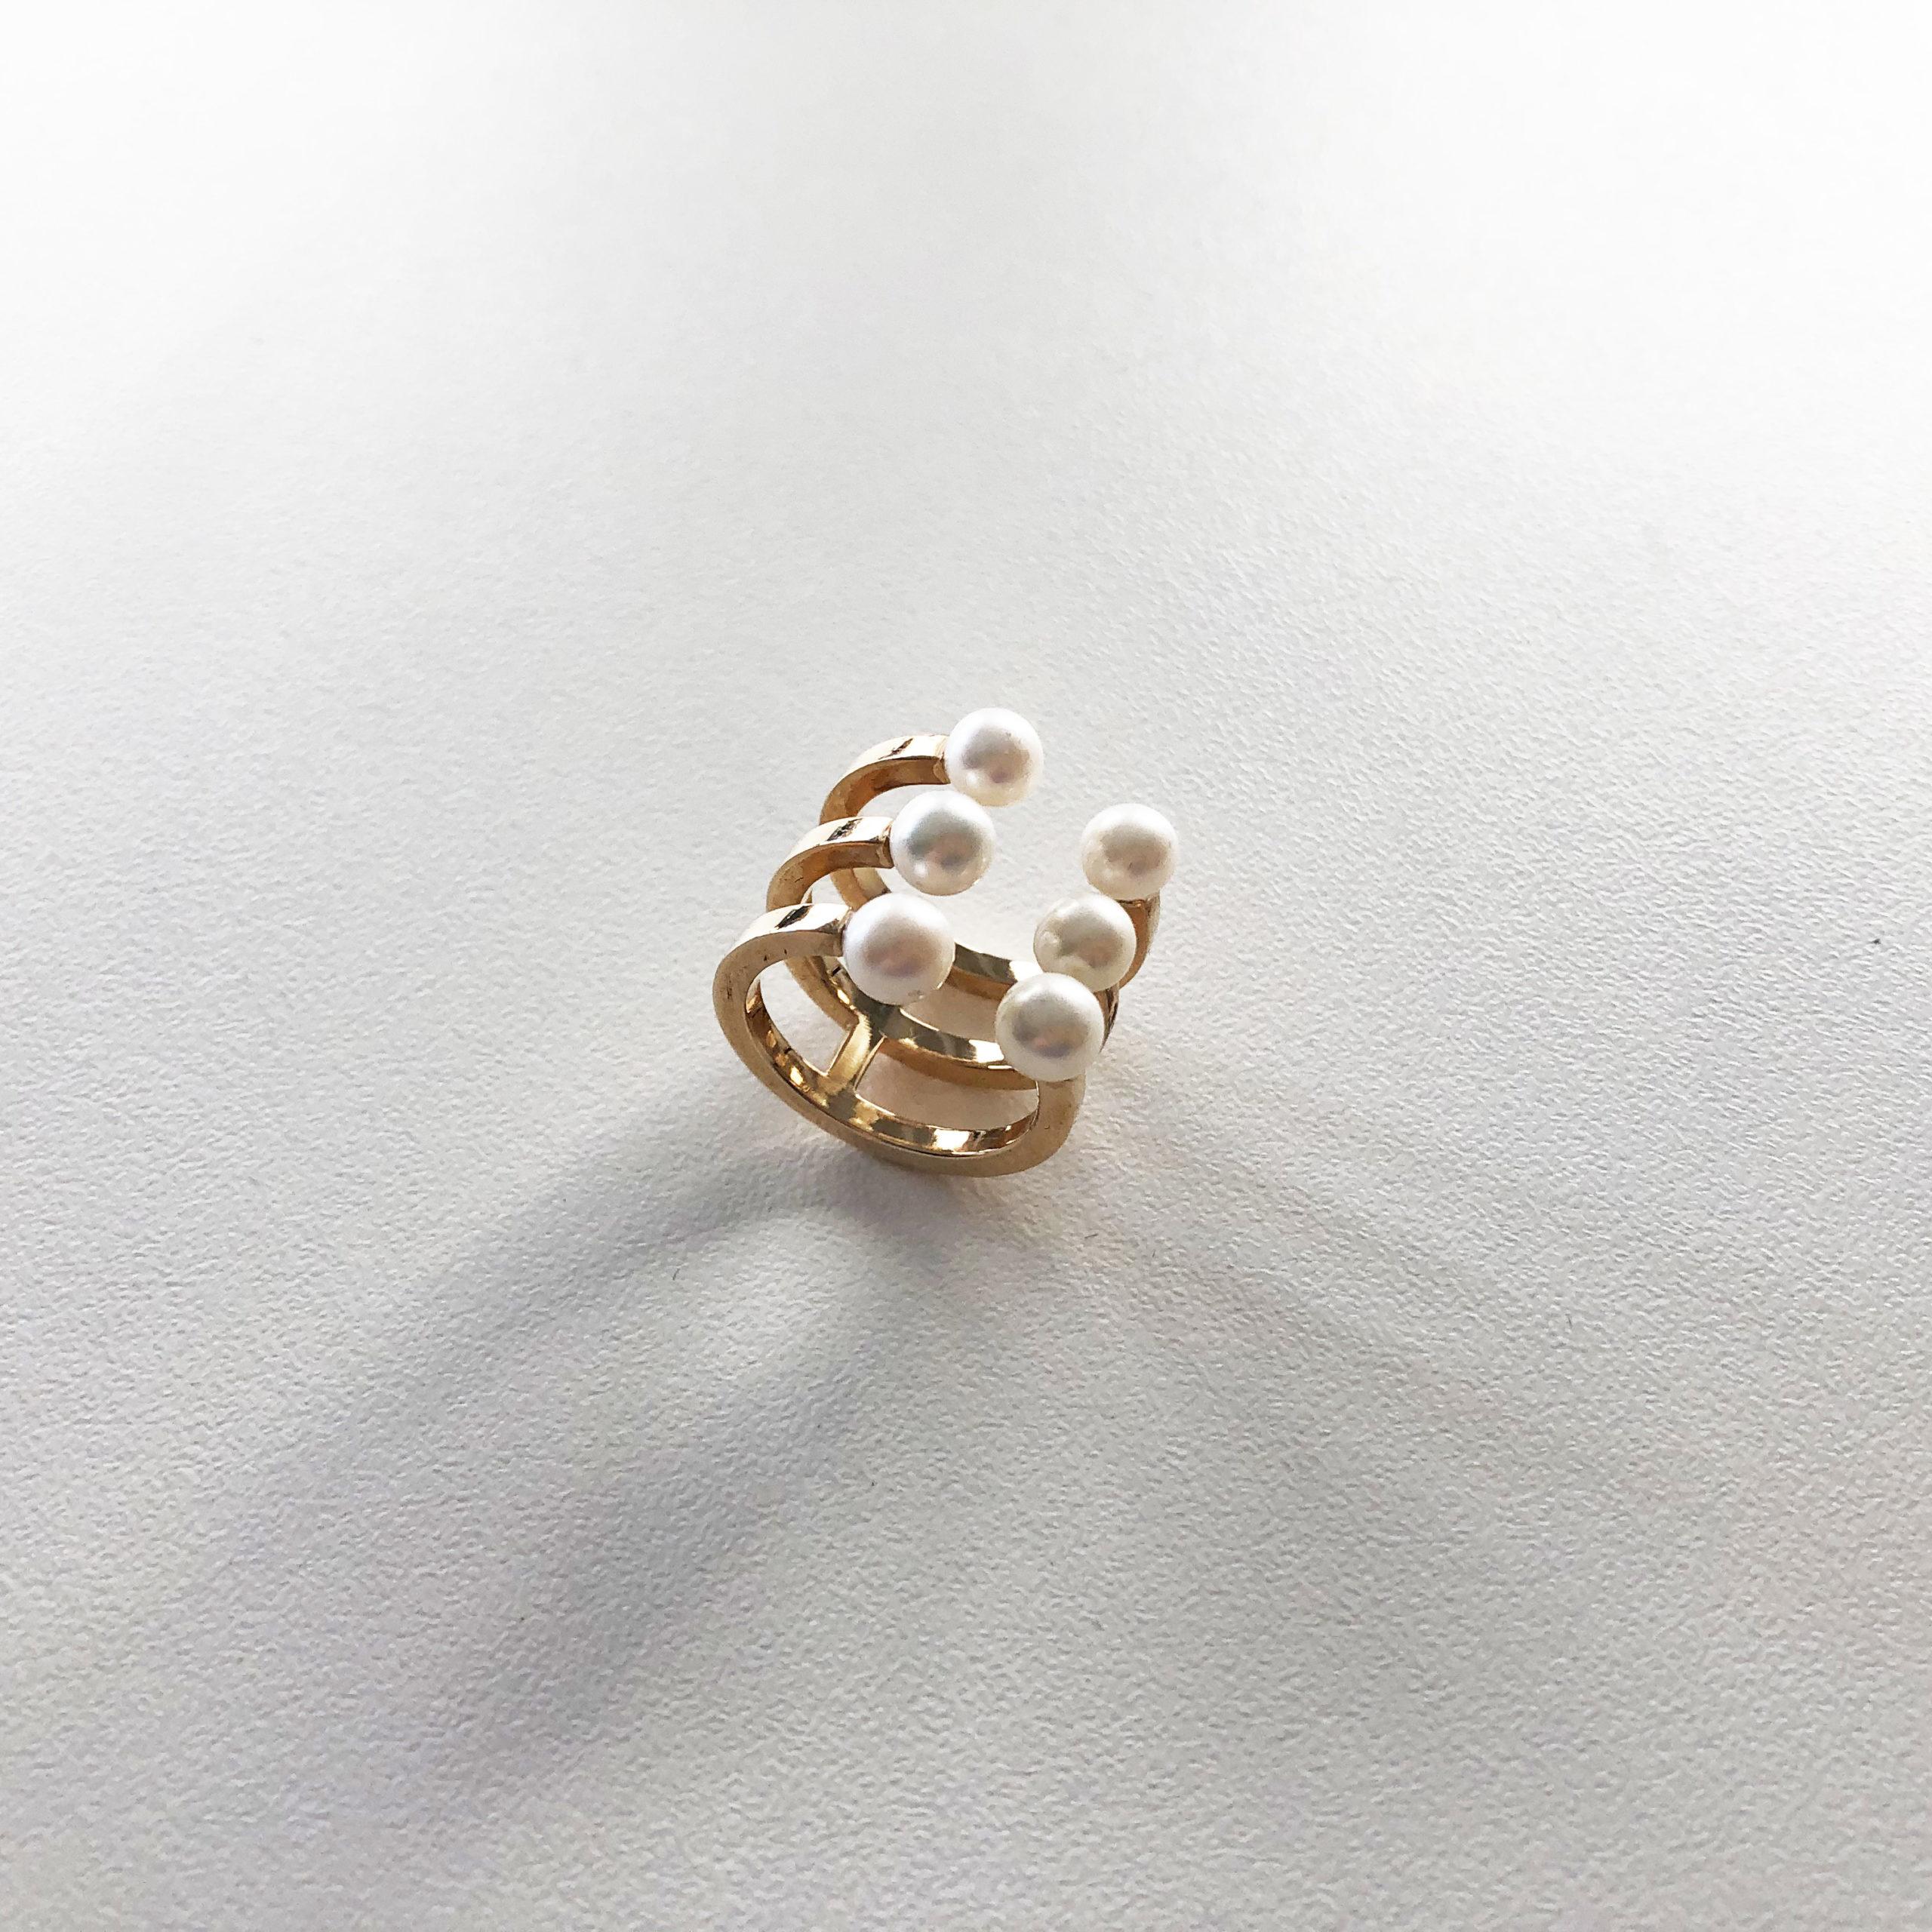 KristinaC - Anello da mignolo 6 perle